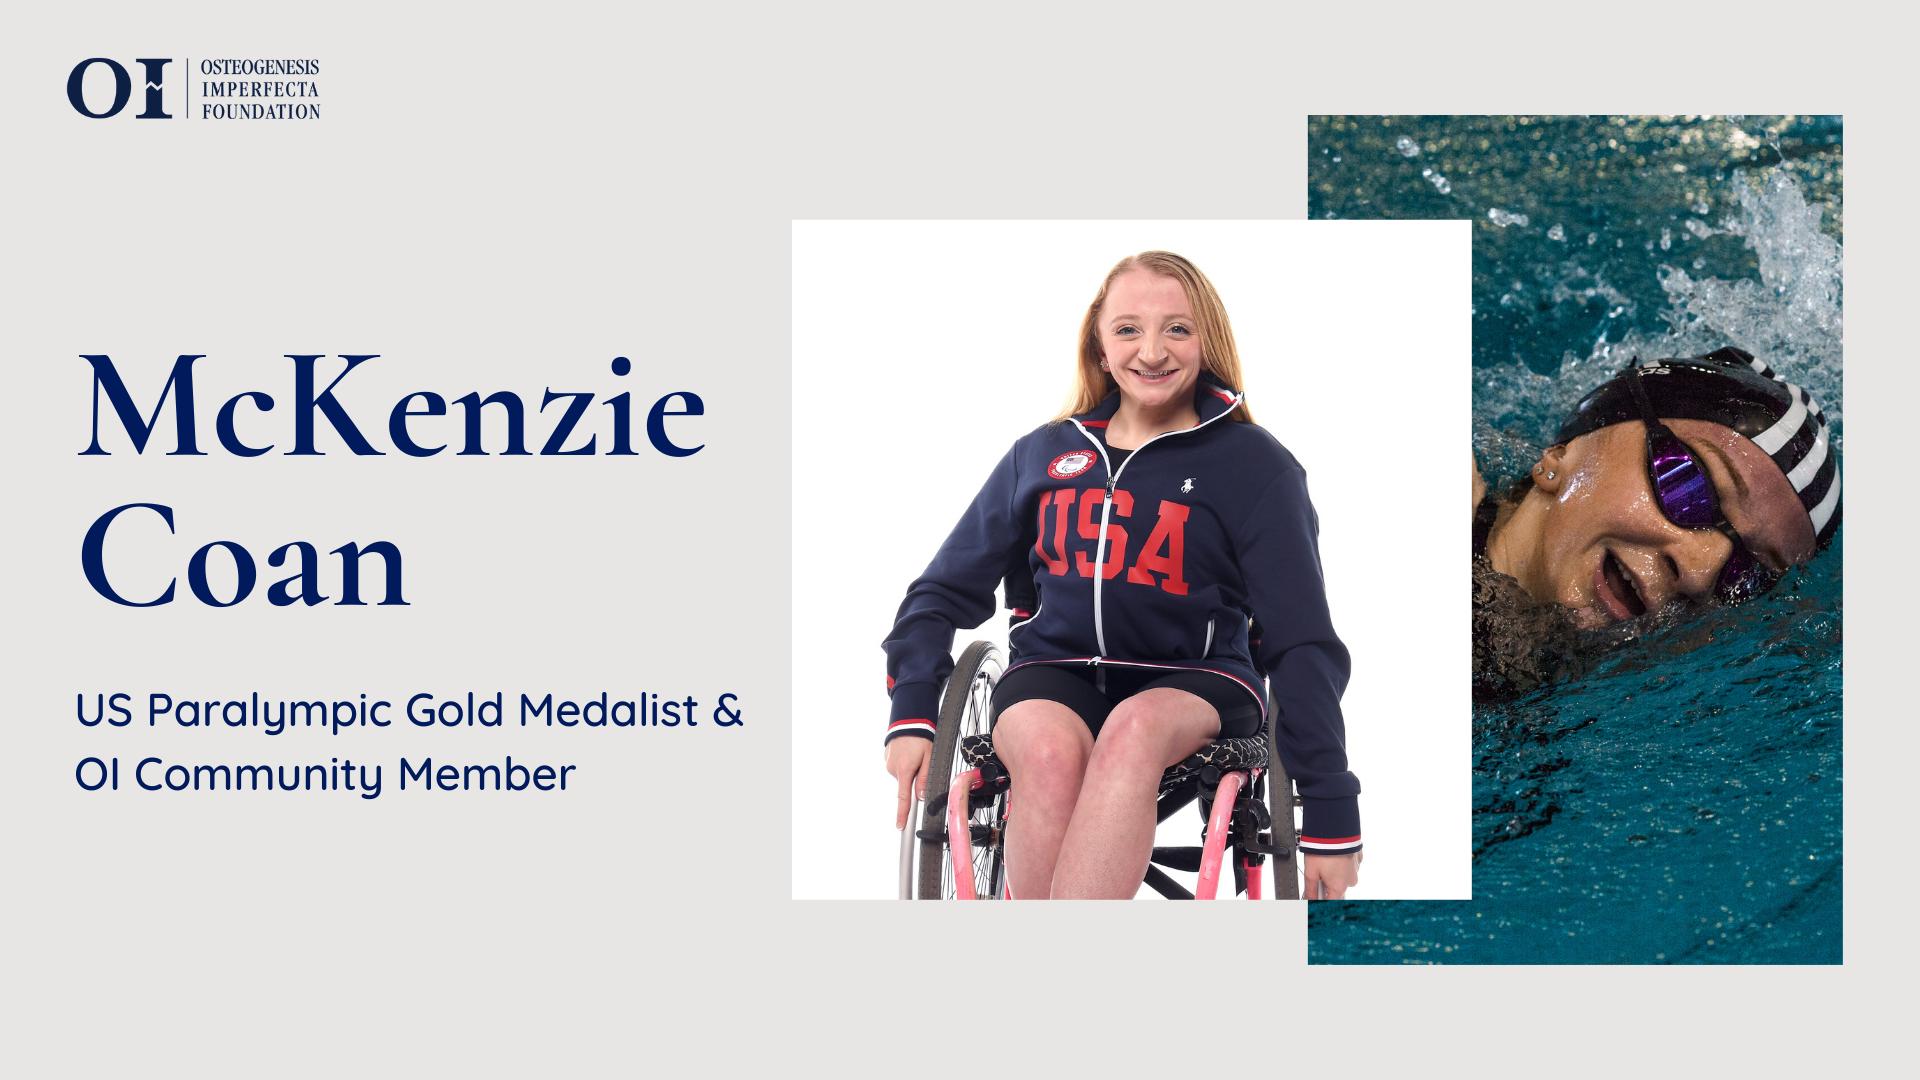 Meet McKenzie Coan!